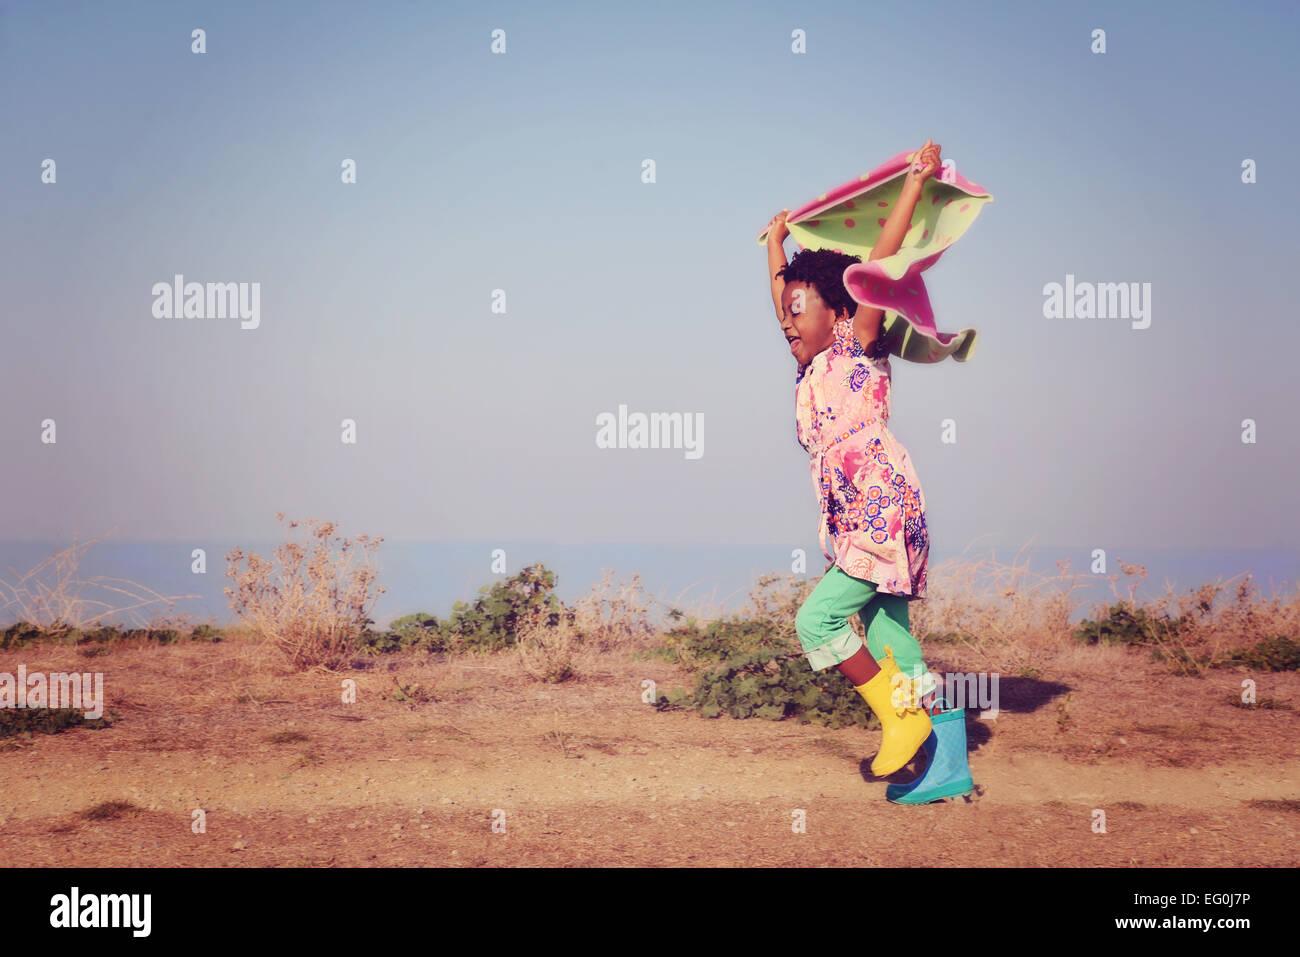 Chica corriendo sujetando la bufanda por encima de su cabeza Imagen De Stock